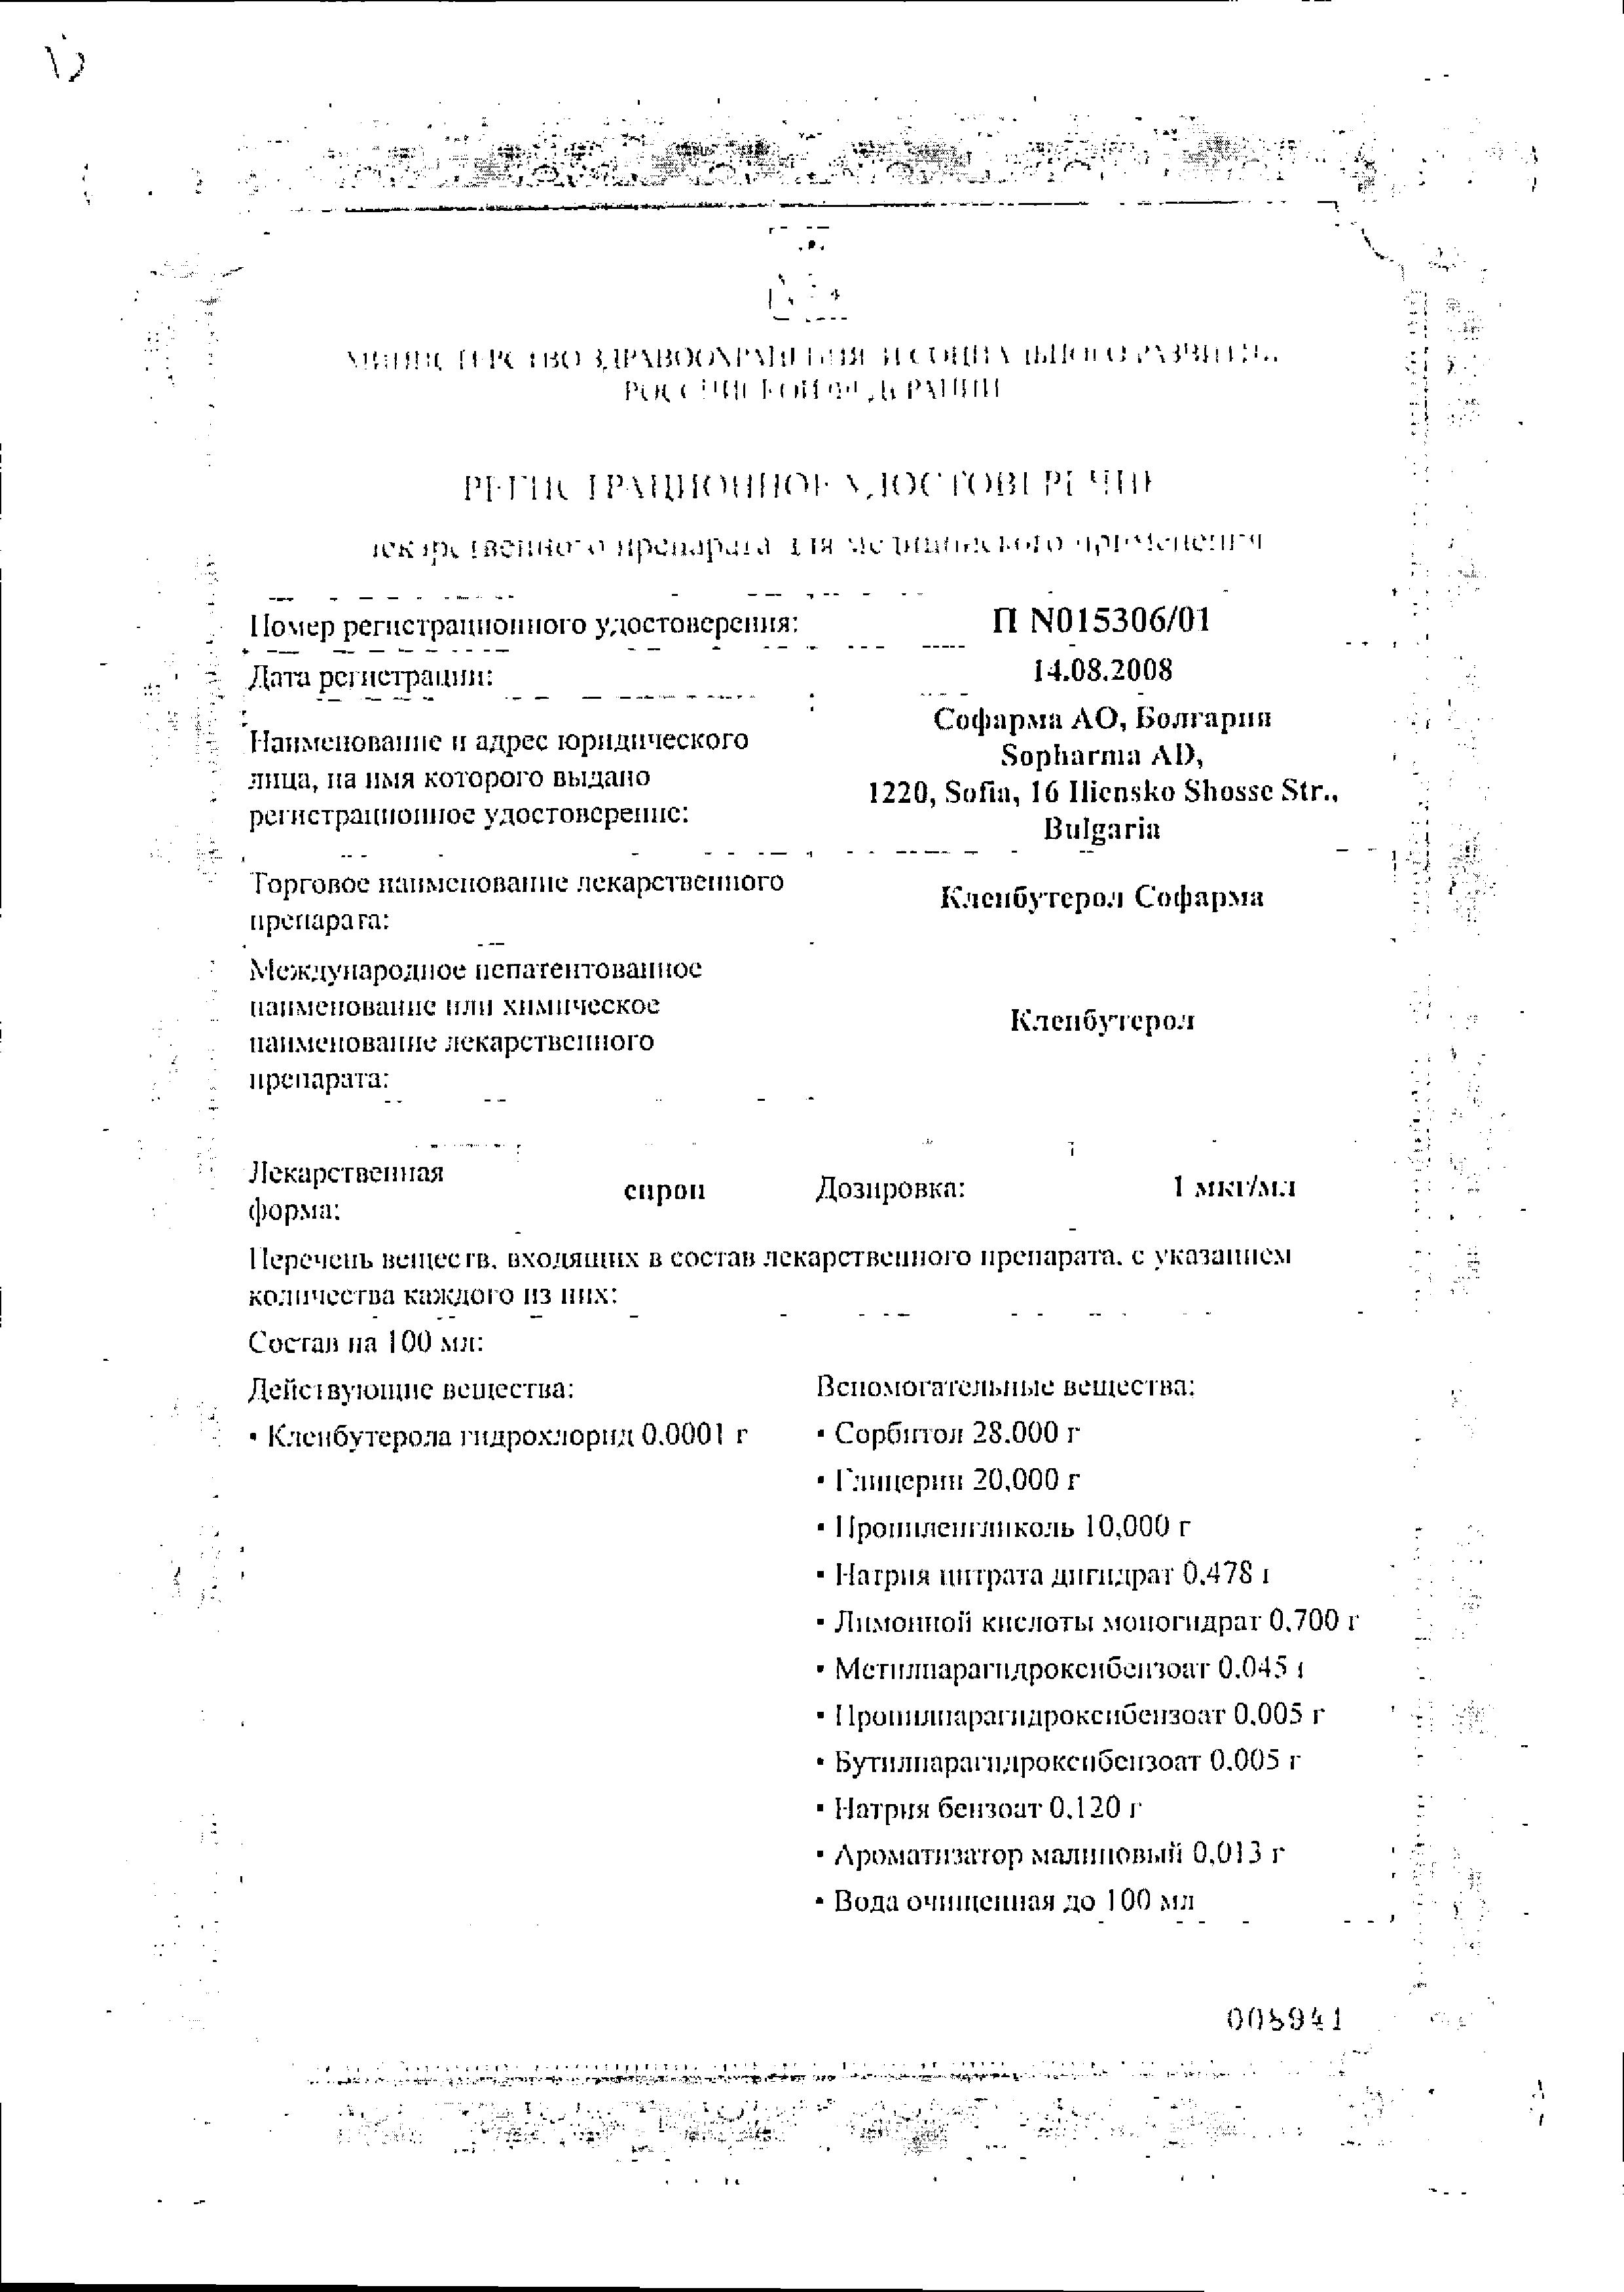 Кленбутерол сертификат